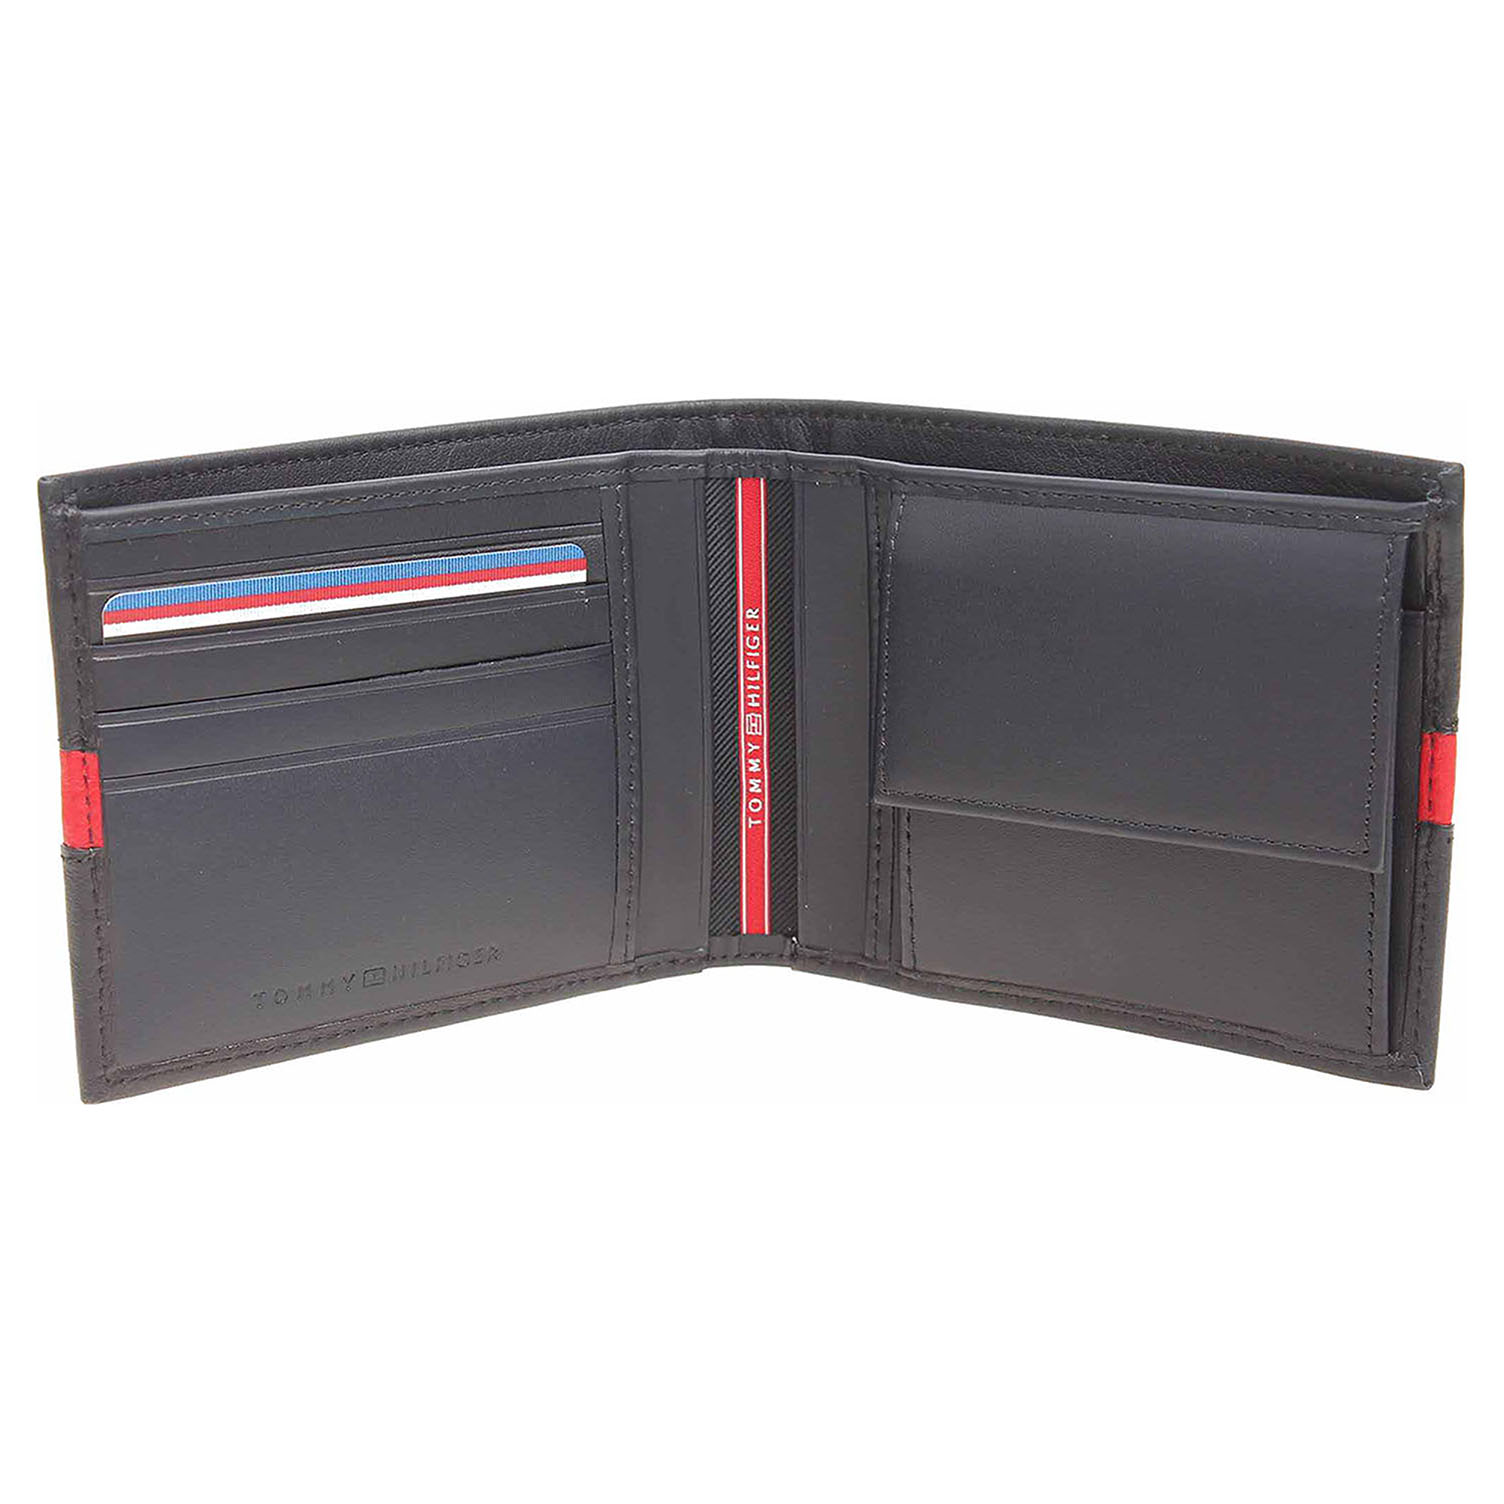 930e4a0f38 Tommy Hilfiger pánská peněženka AM0AM03152 902 tommy navy AM0AM03152 902 1